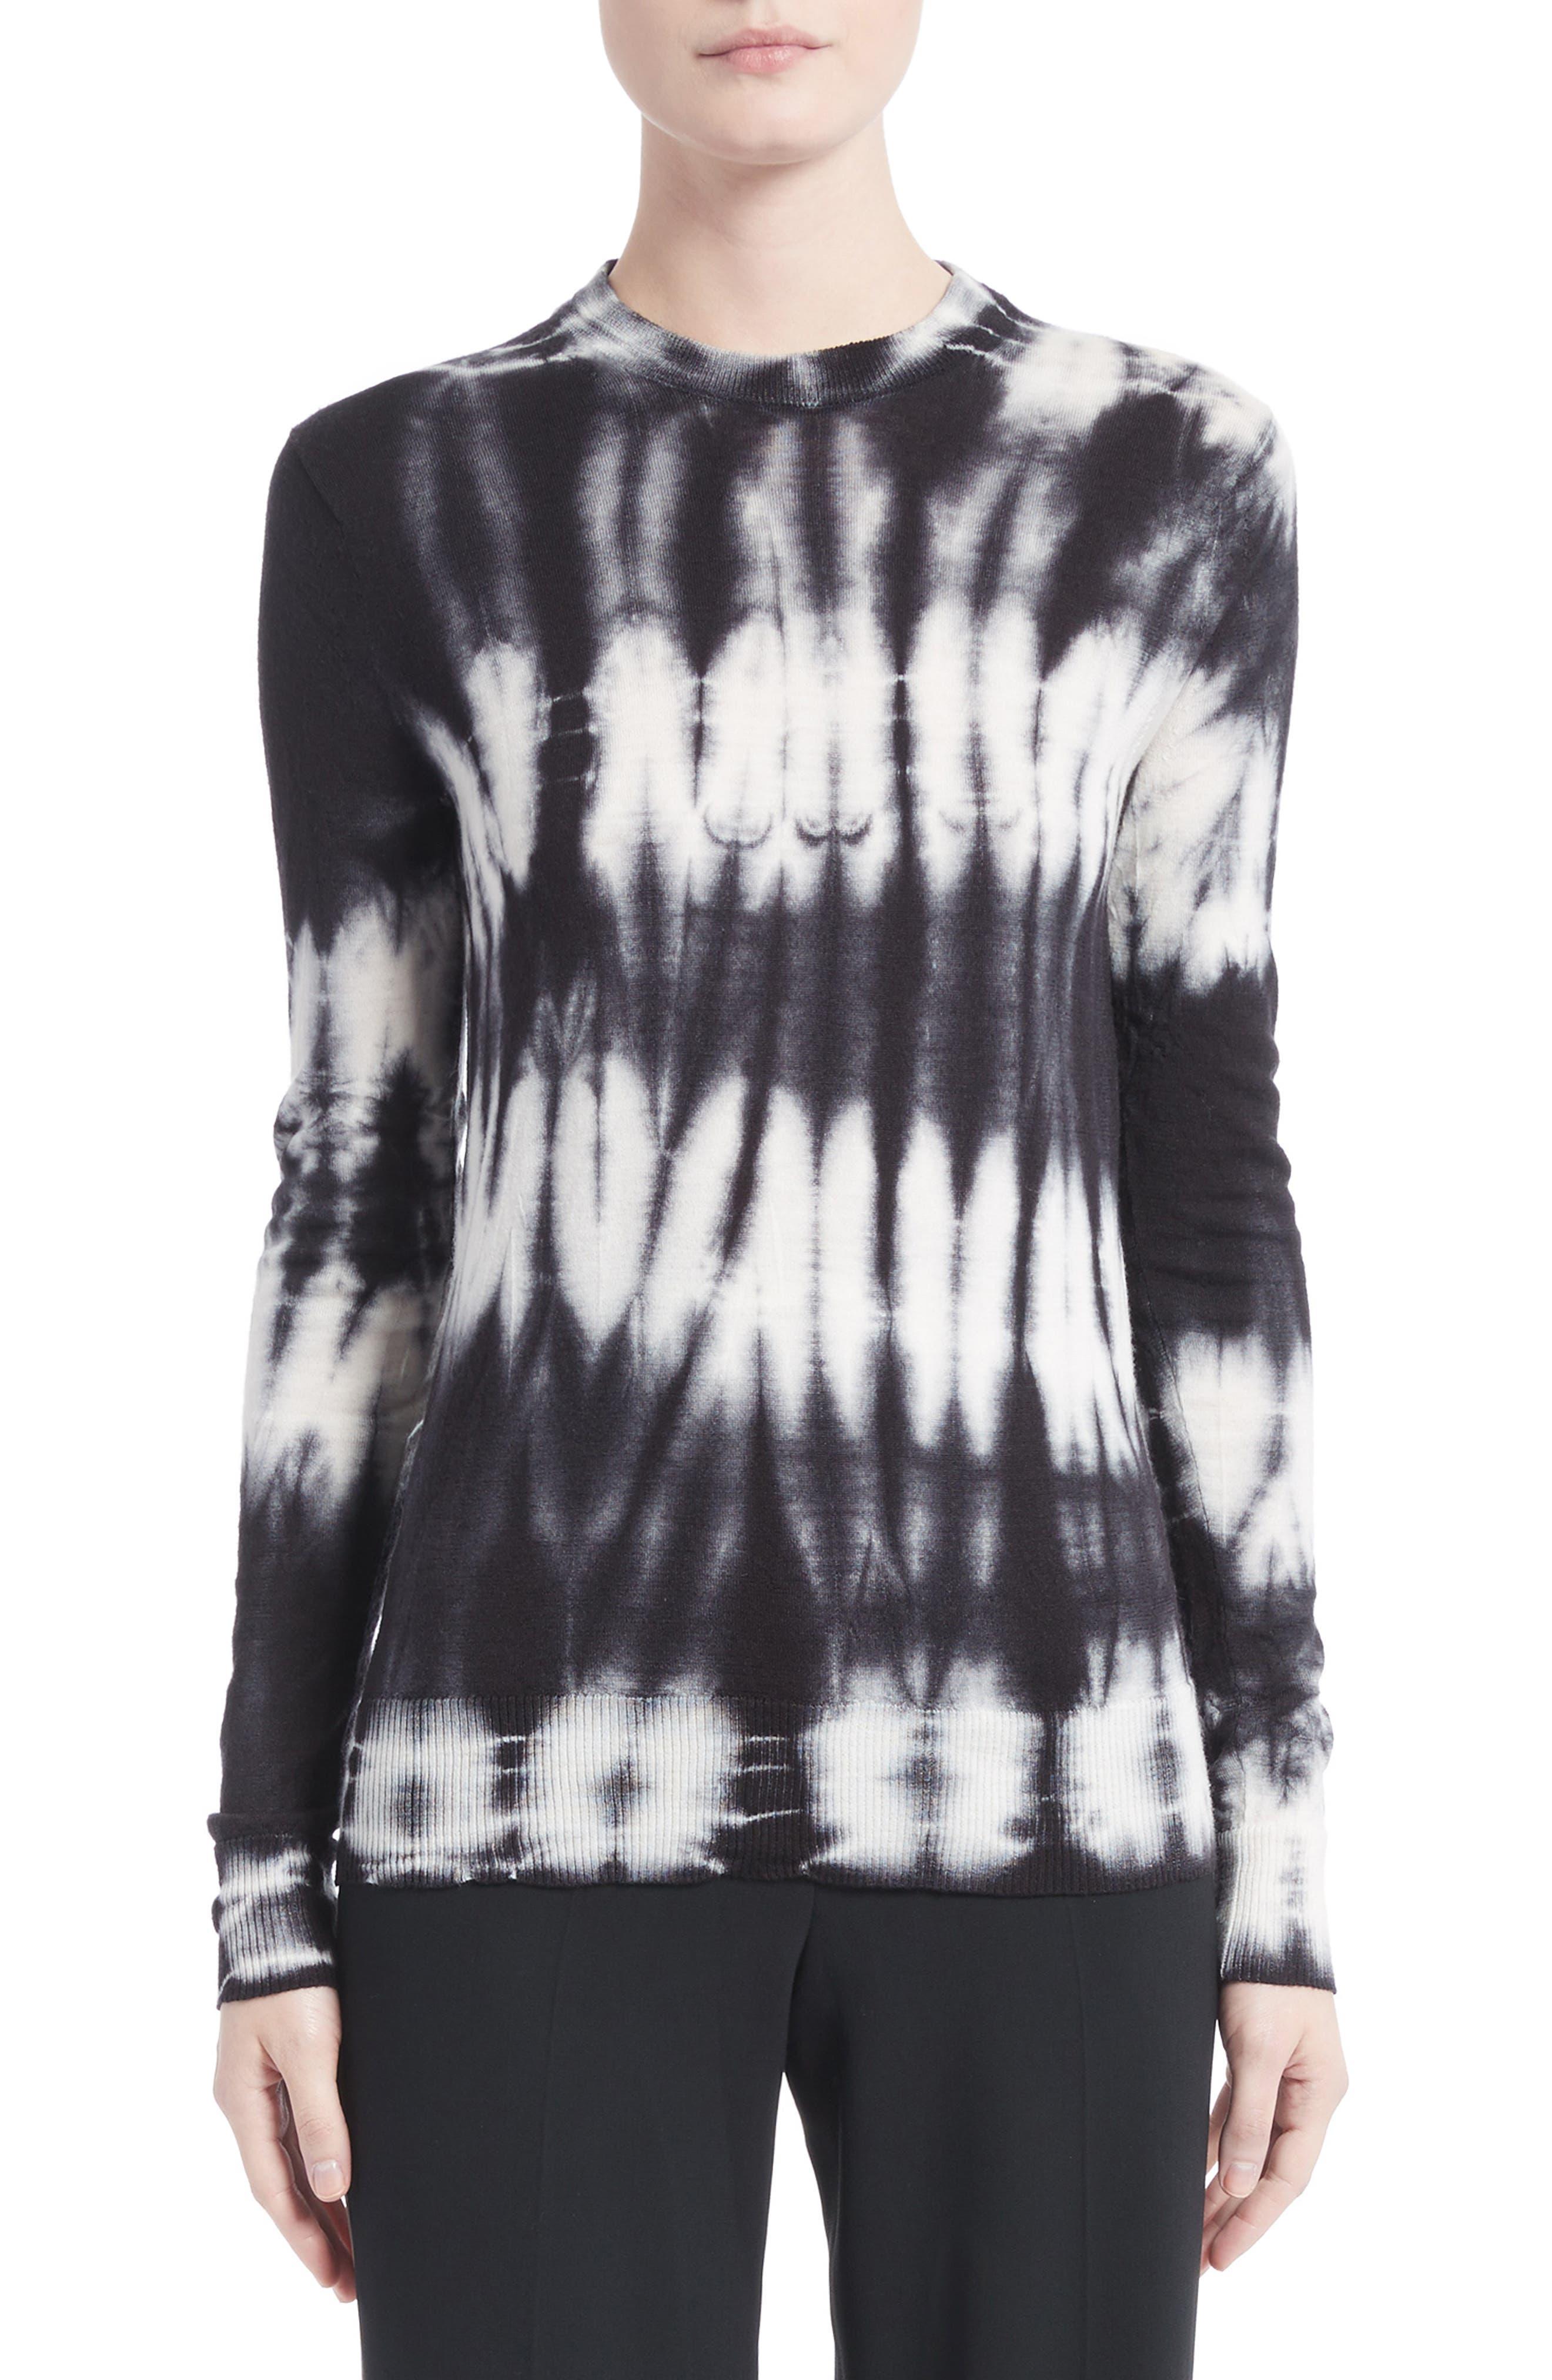 Proenza Schouler Tie Dye Wool Sweater